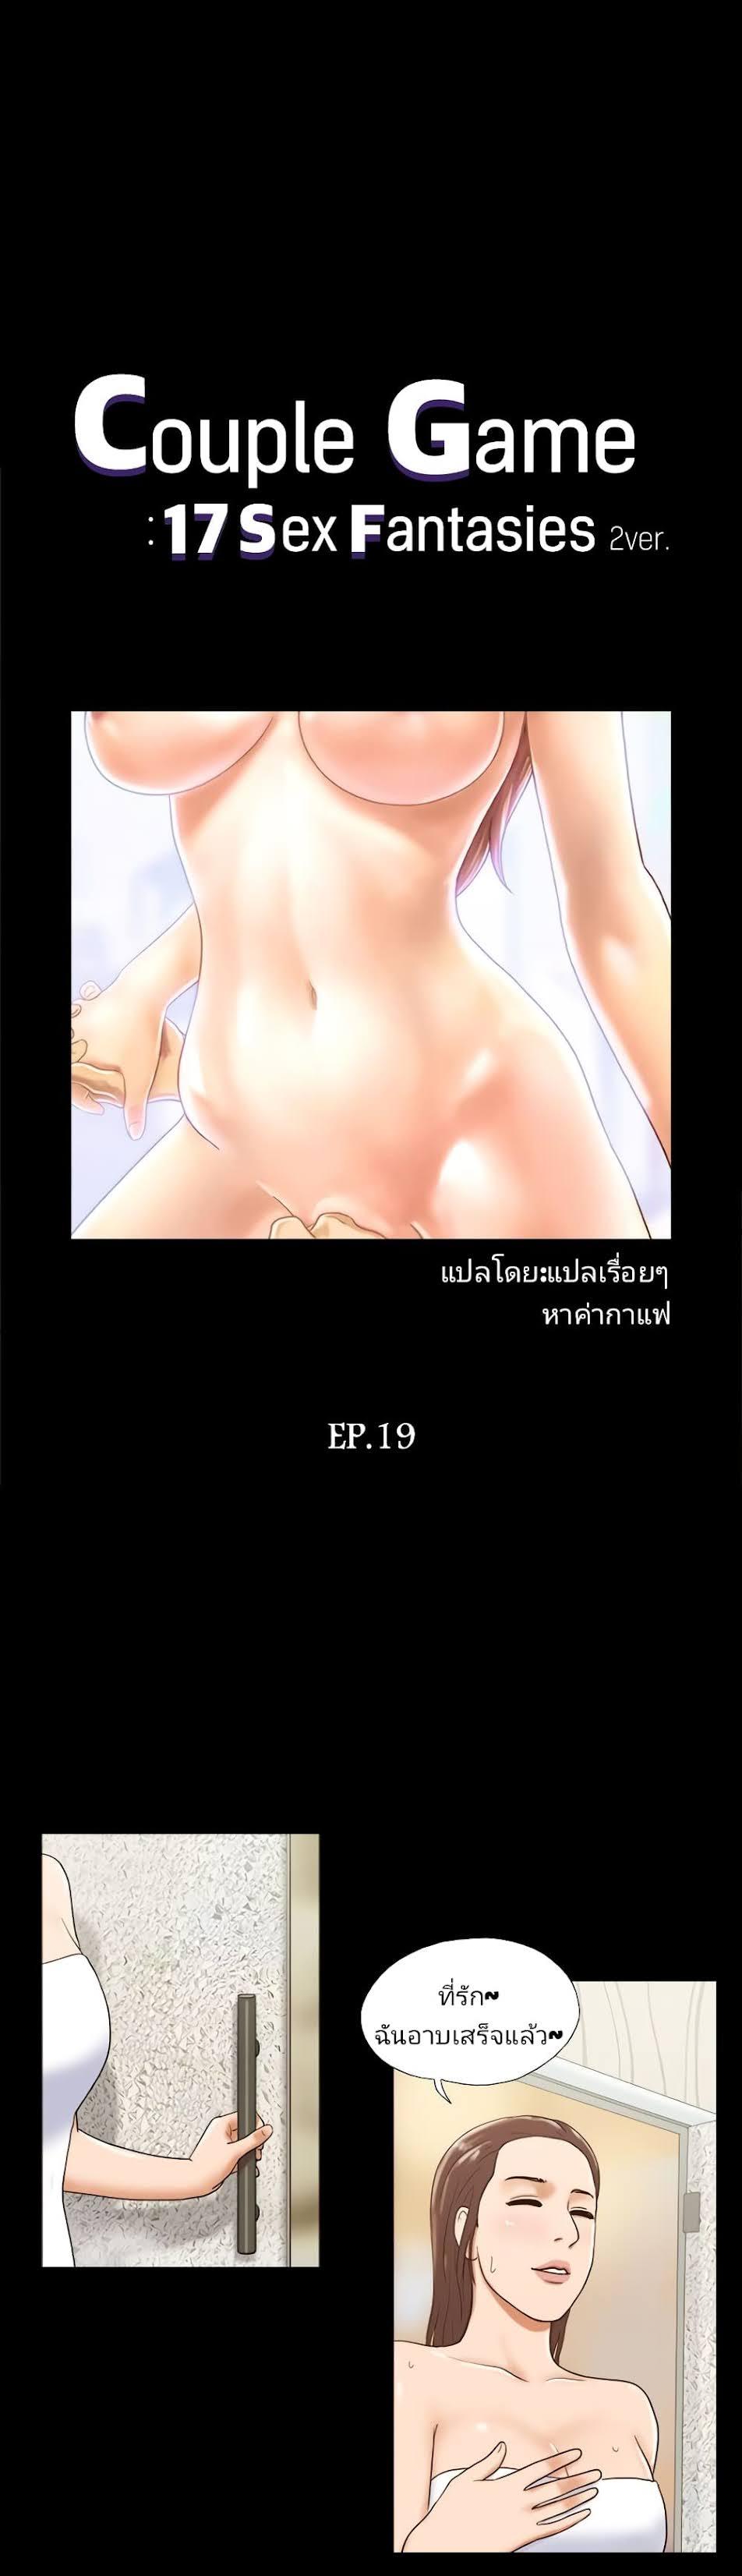 17 Sex fantastic-ตอนที่ 19